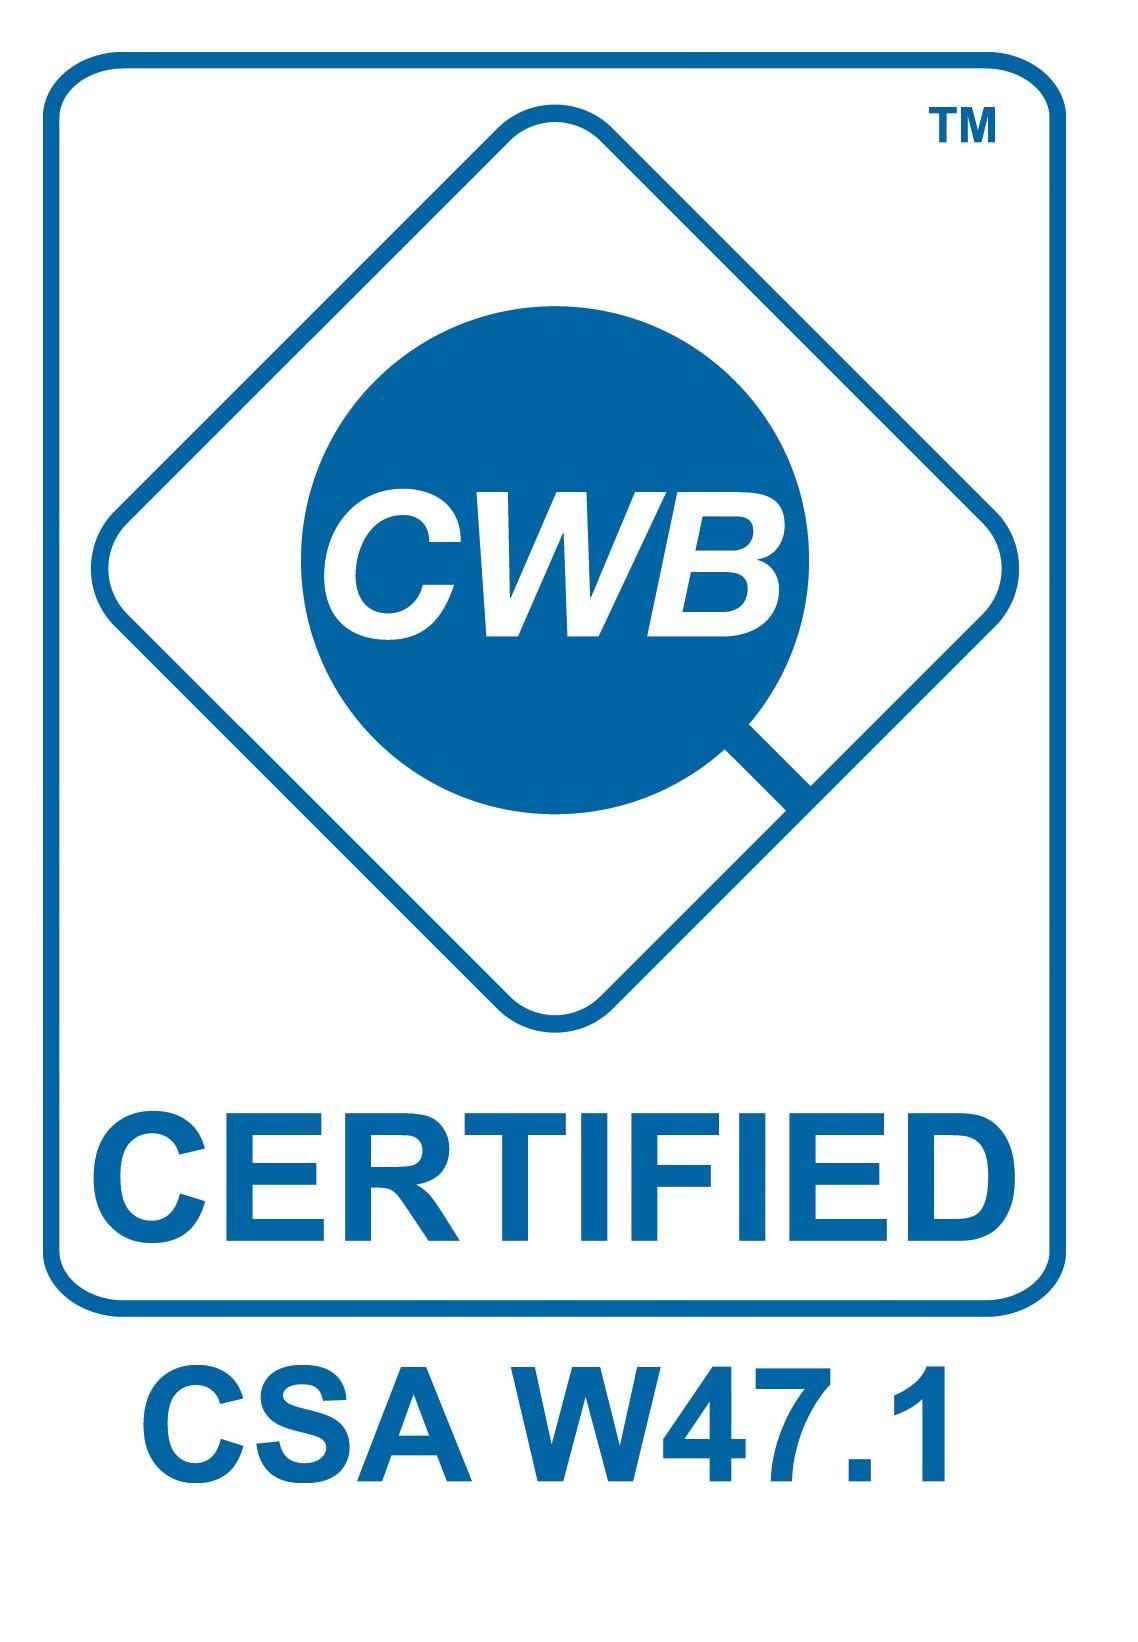 CWB-Certification-Mark-EN-W47_1 - lwbsi